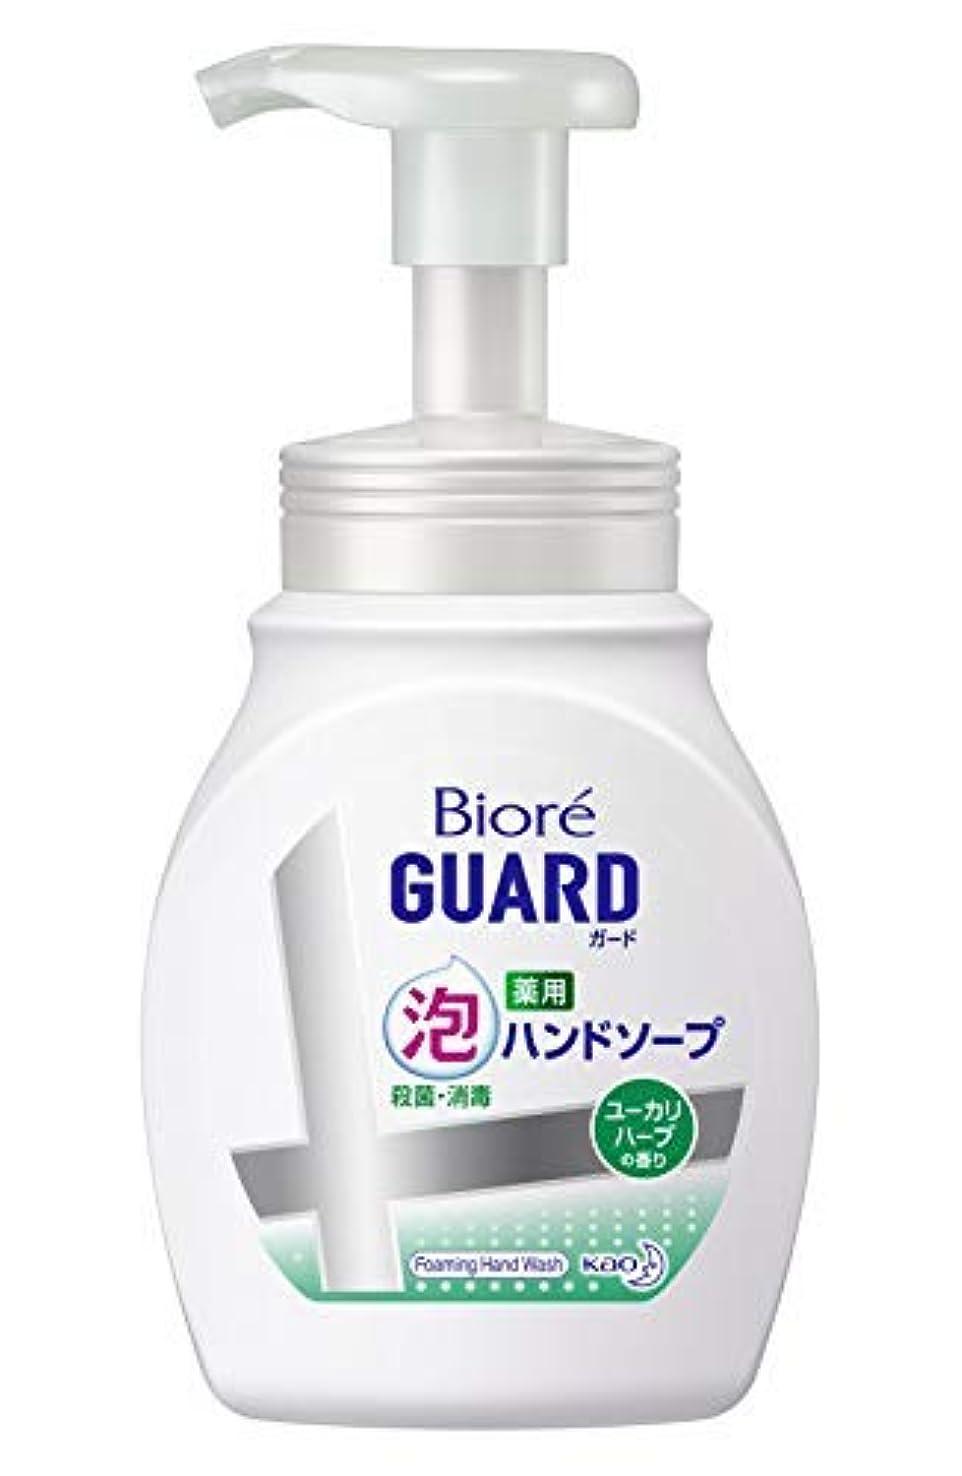 ブラスト表示インフラ花王 ビオレガード 薬用泡ハンドソープ ユーカリハーブの香り ポンプ 250ml × 3個セット